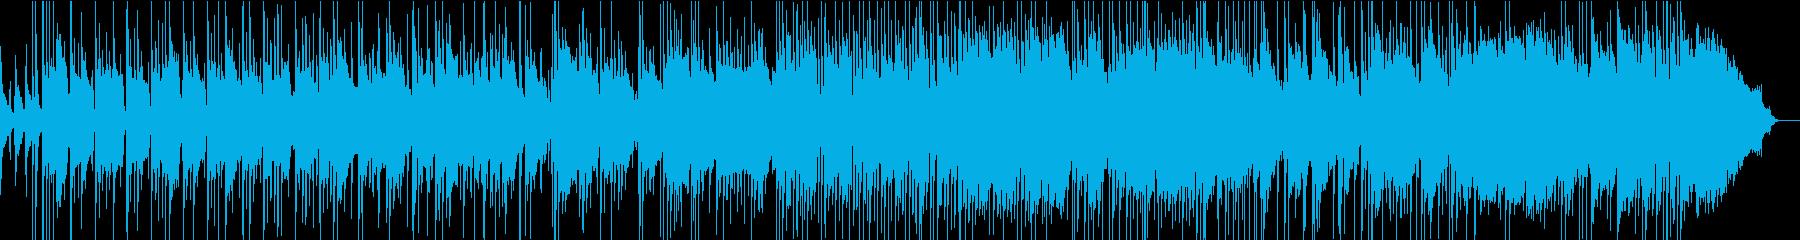 英詞AGラップスチールUKブルースロックの再生済みの波形